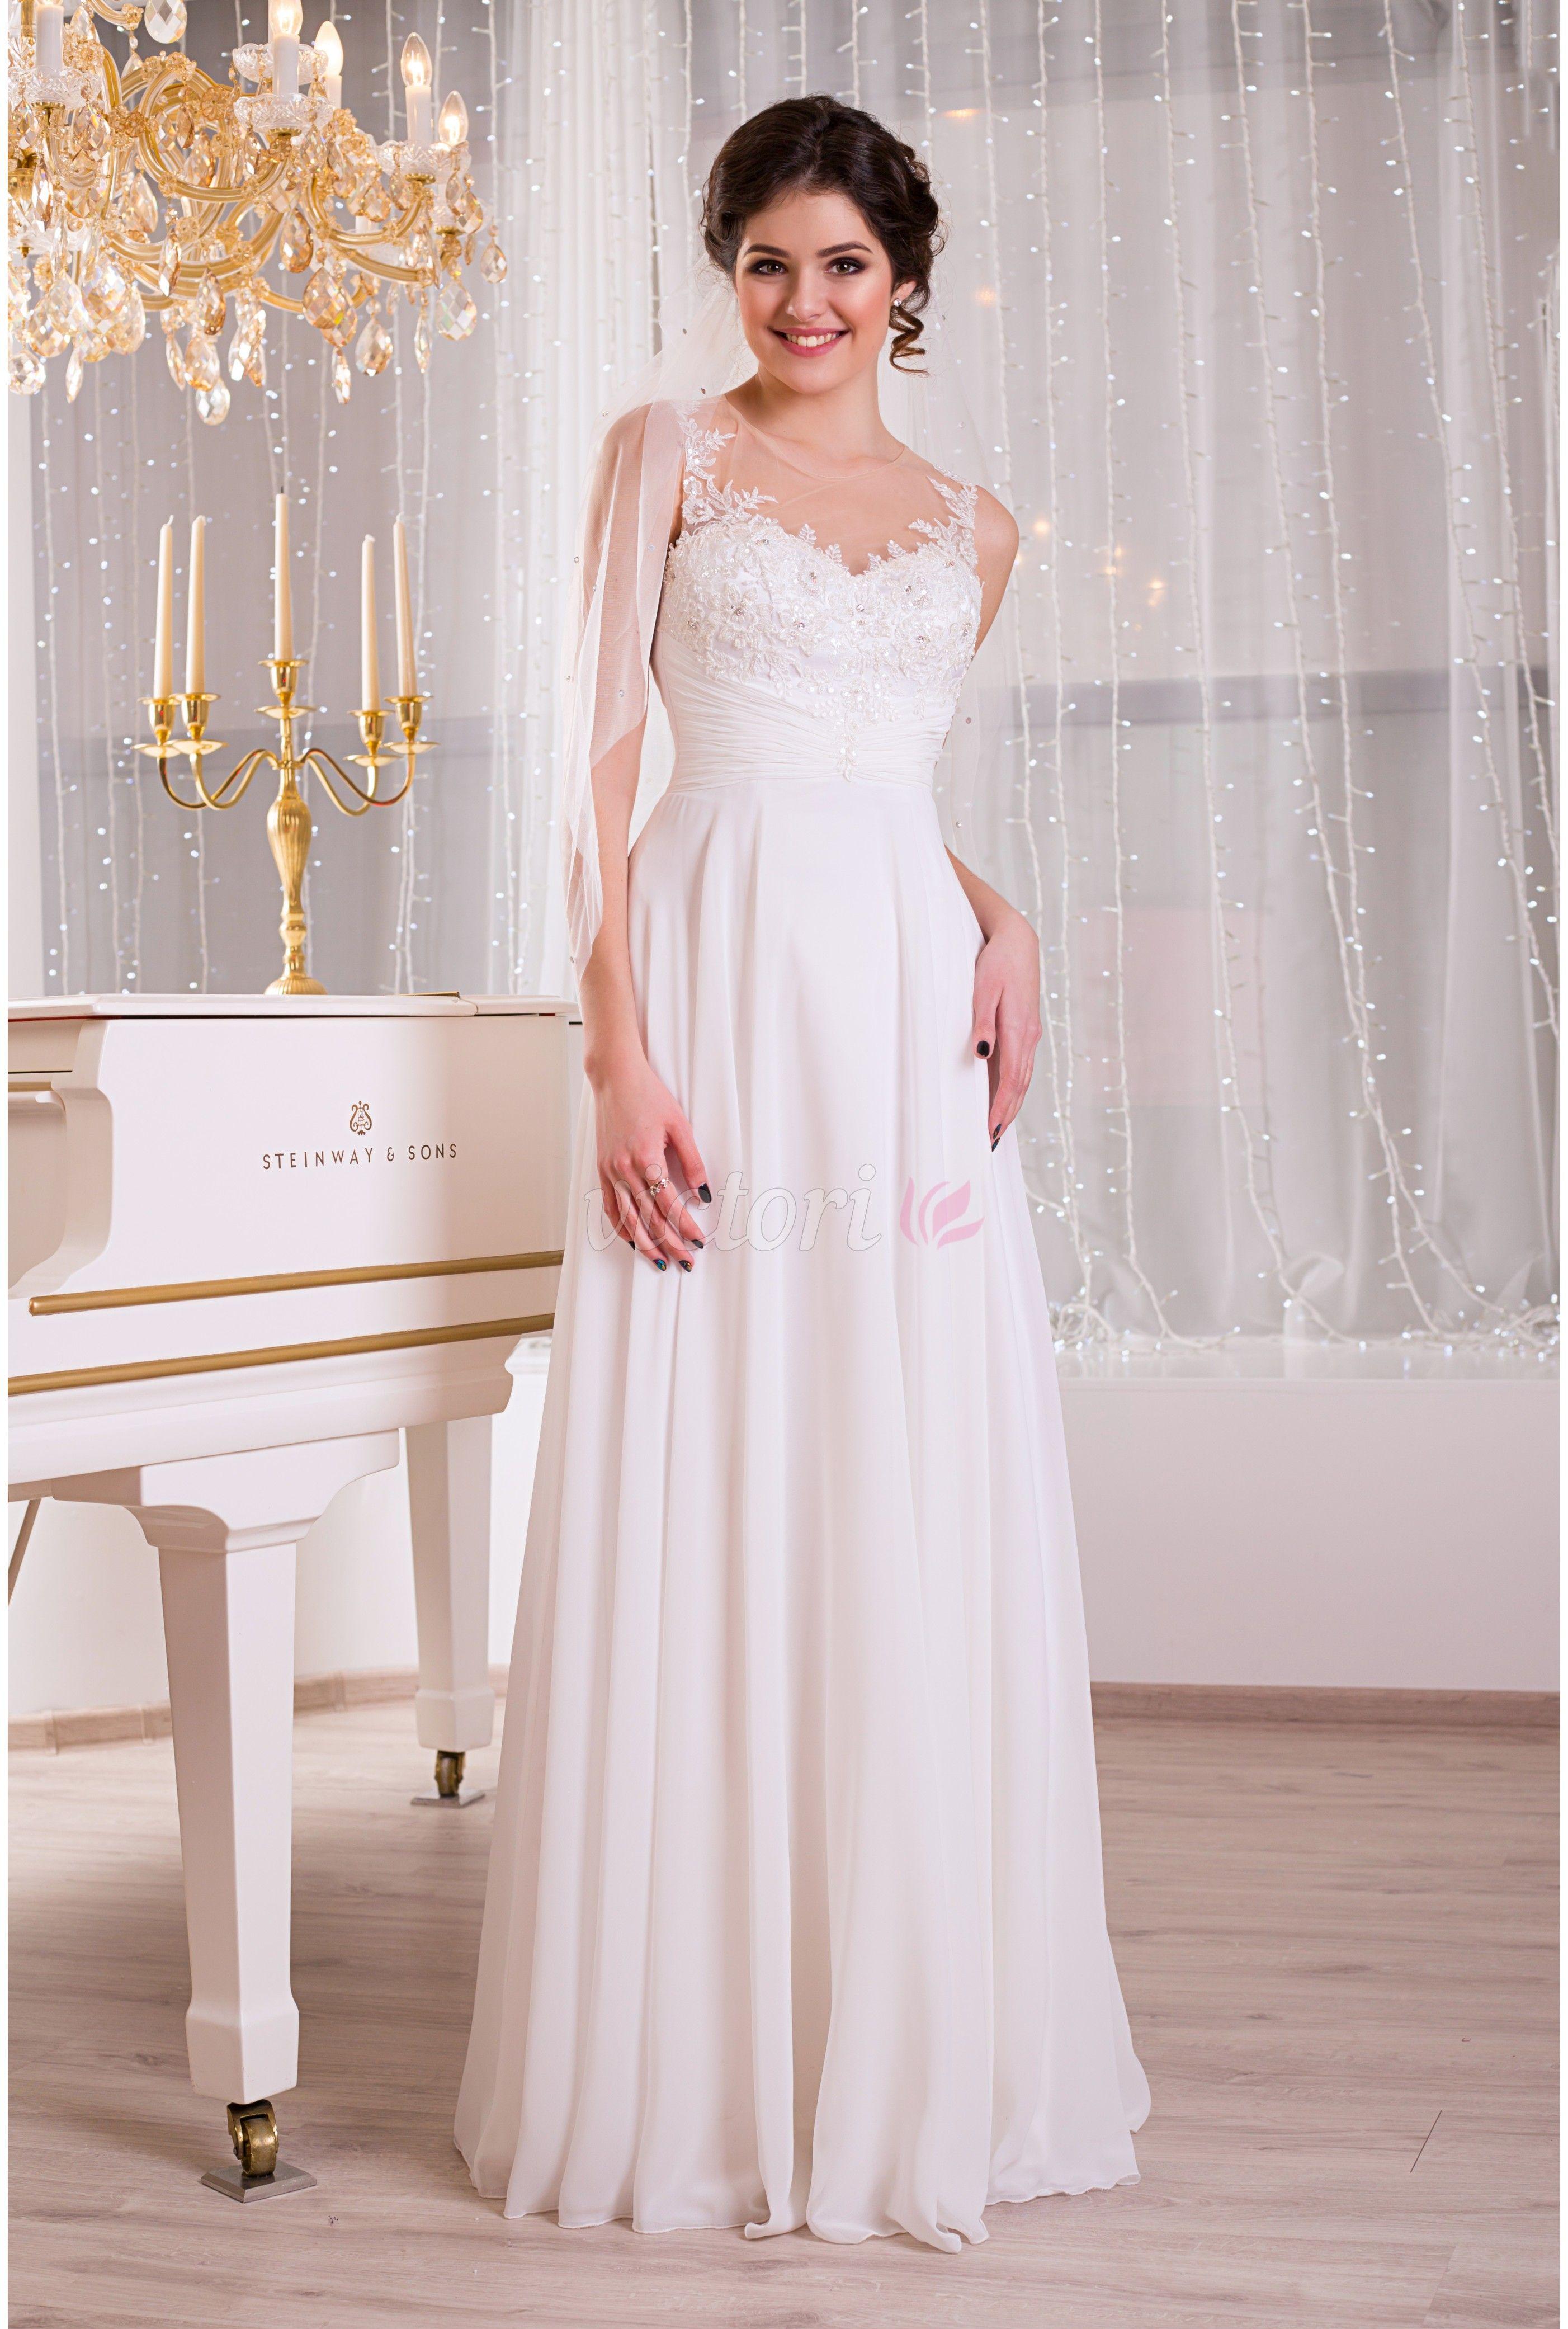 e621008d6 Не пышное свадебное платье фото, купить онлайн | Свадьба | Свадебные ...